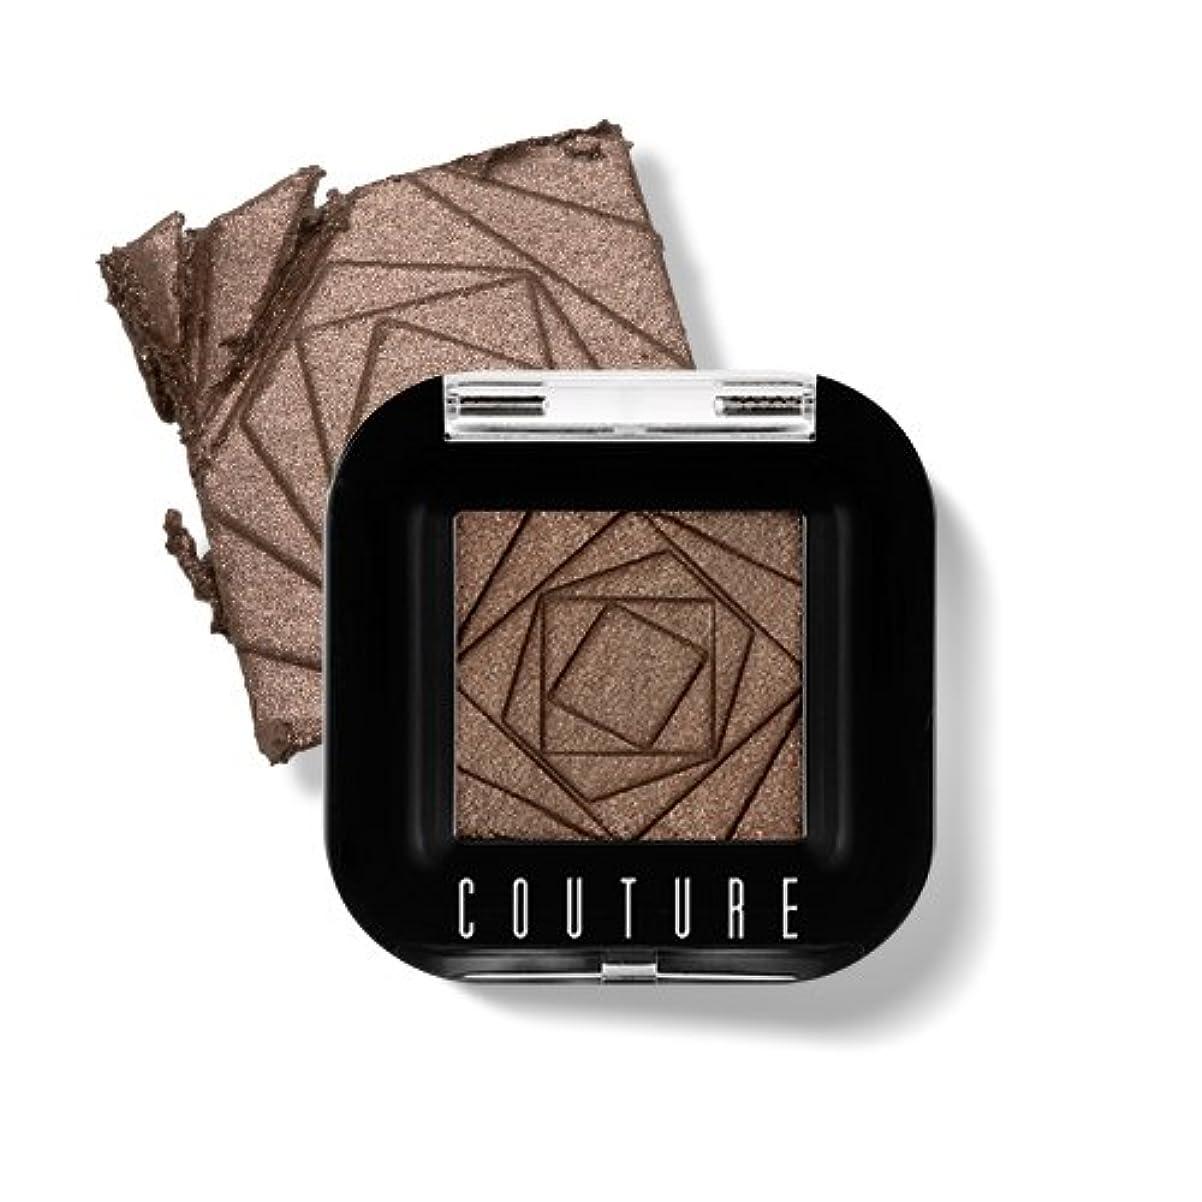 決定的避けるトロリーAPIEU Couture Shadow (# 6) /アピュ/オピュ クチュールシャドウ [並行輸入品]